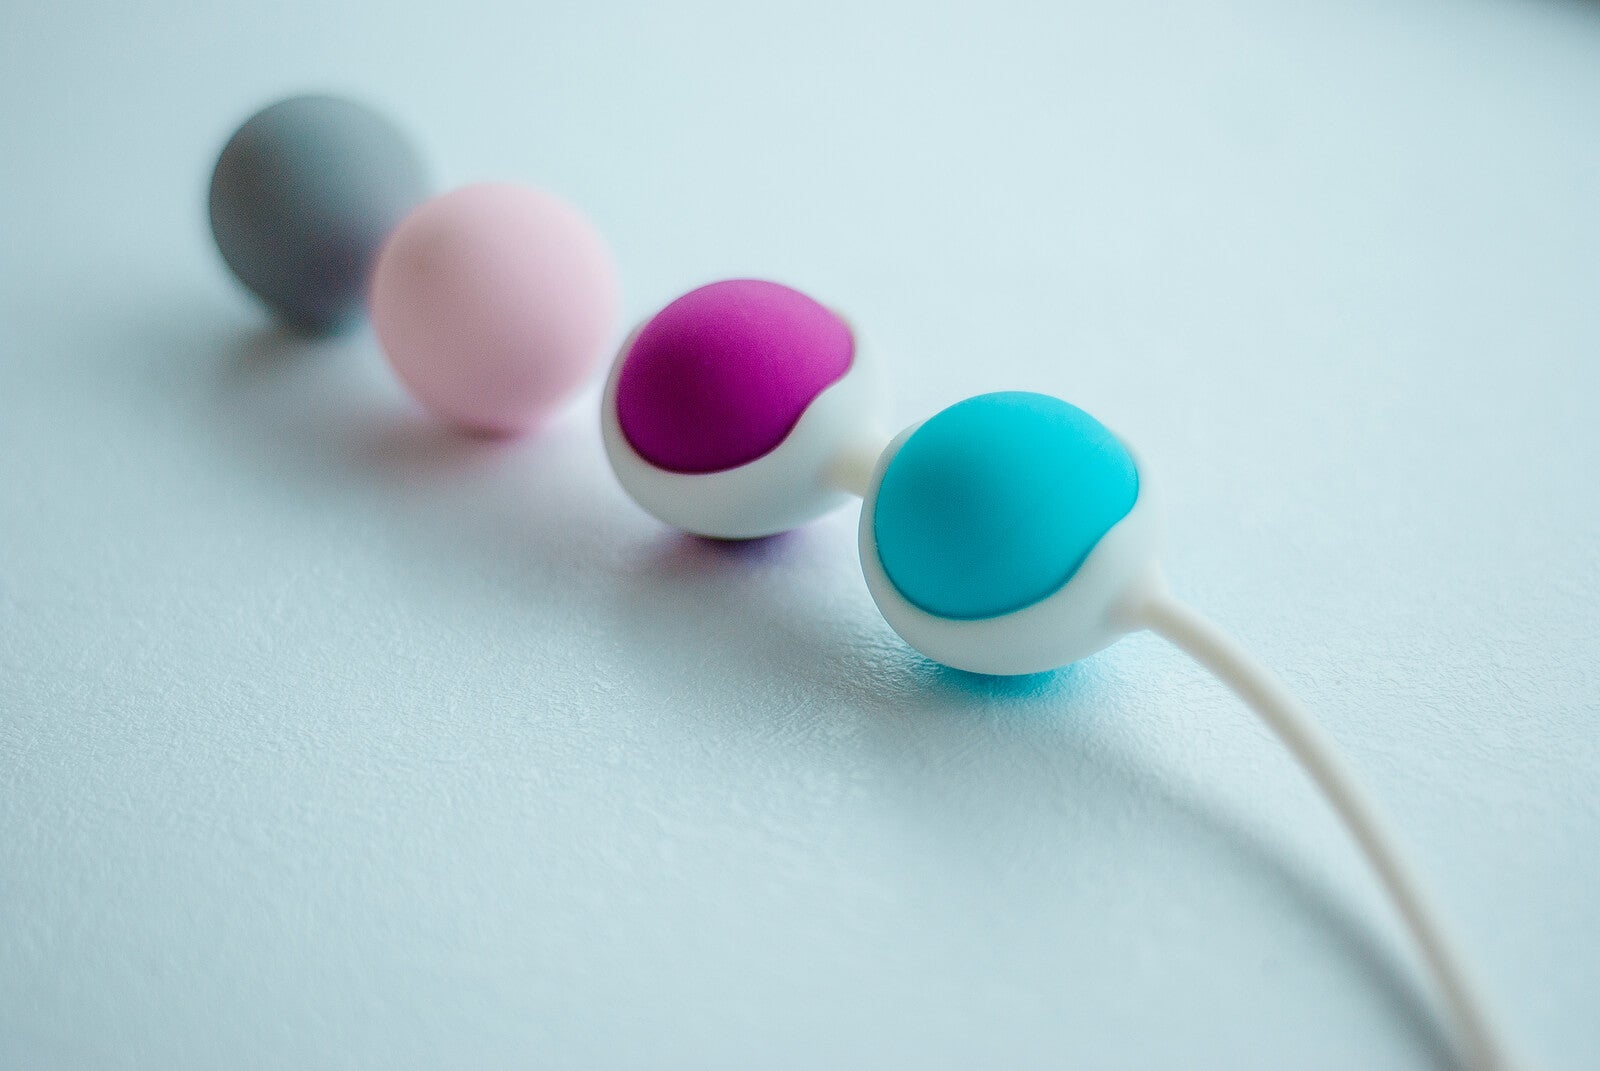 Bolas chinas que ayudan a cuidar la salud de la mujer.